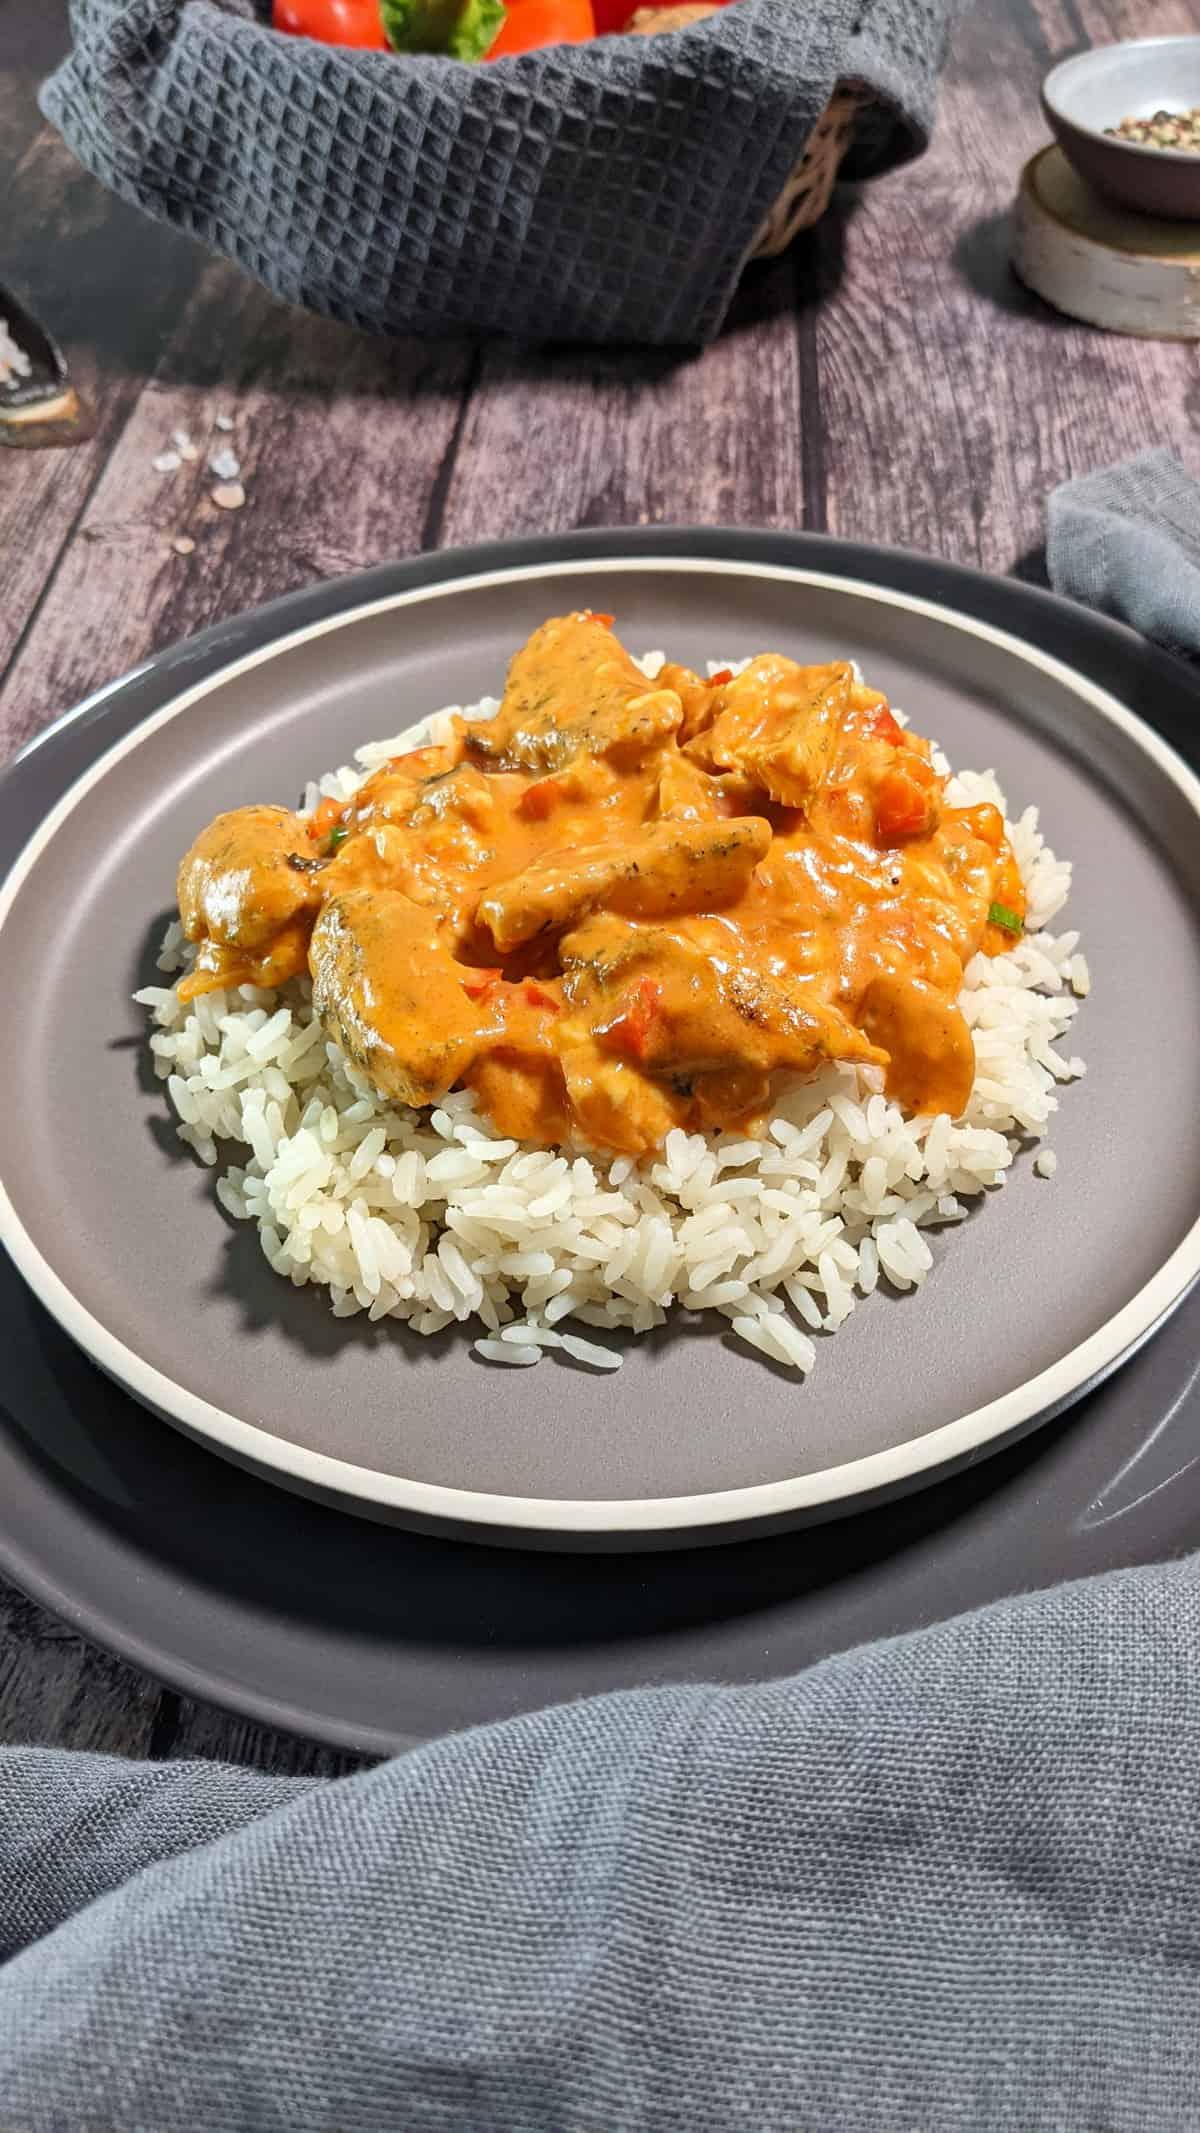 Auf einem grauen Teller Reis mit Gyros aus dem Ofen. Im Hintergrund Deko.